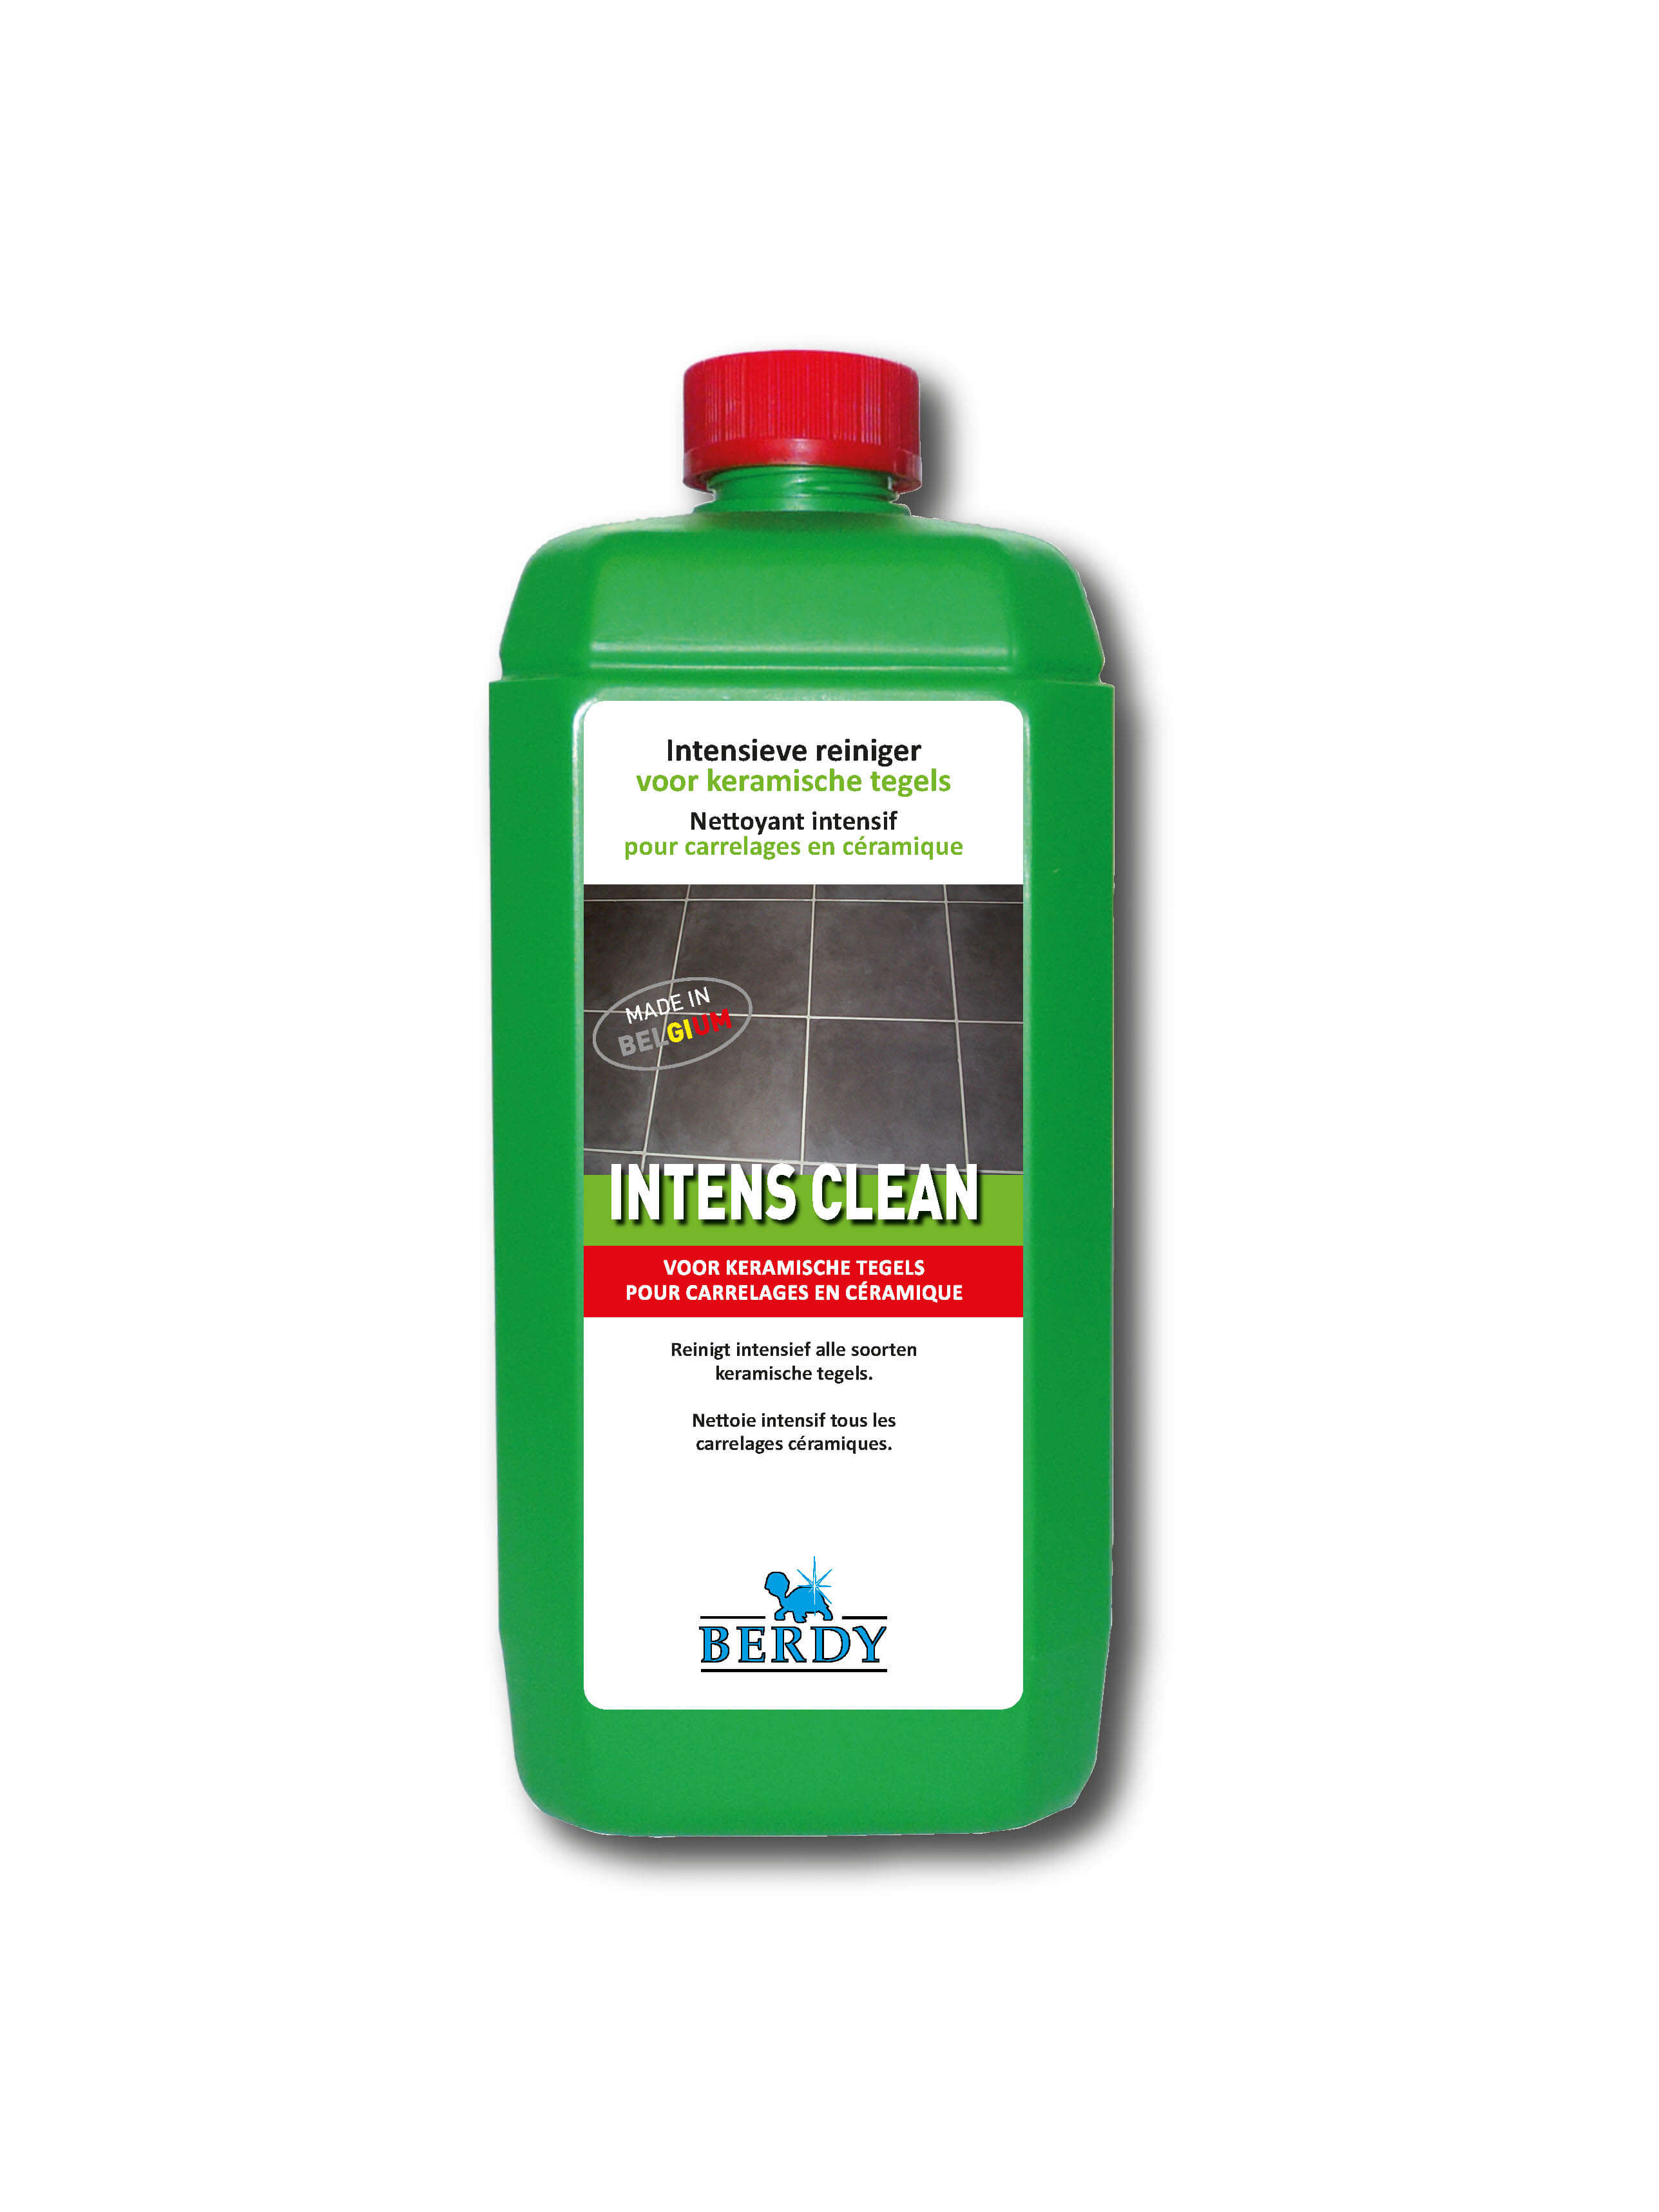 Intensieve reiniger voor uw keramische vloer